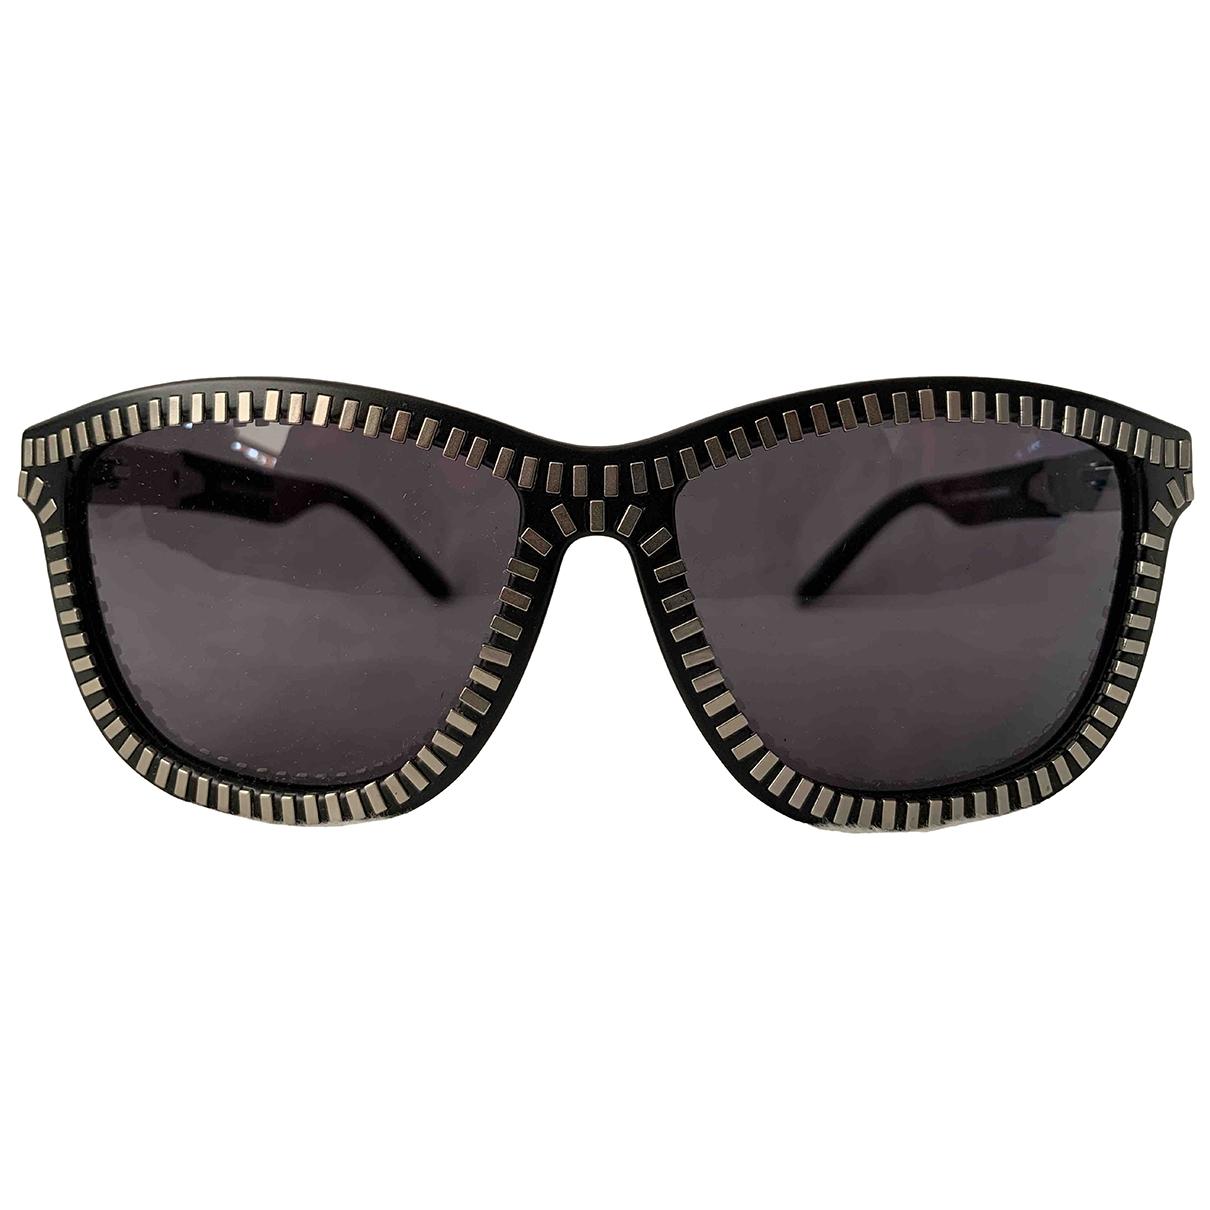 Gafas oversize Alexander Wang